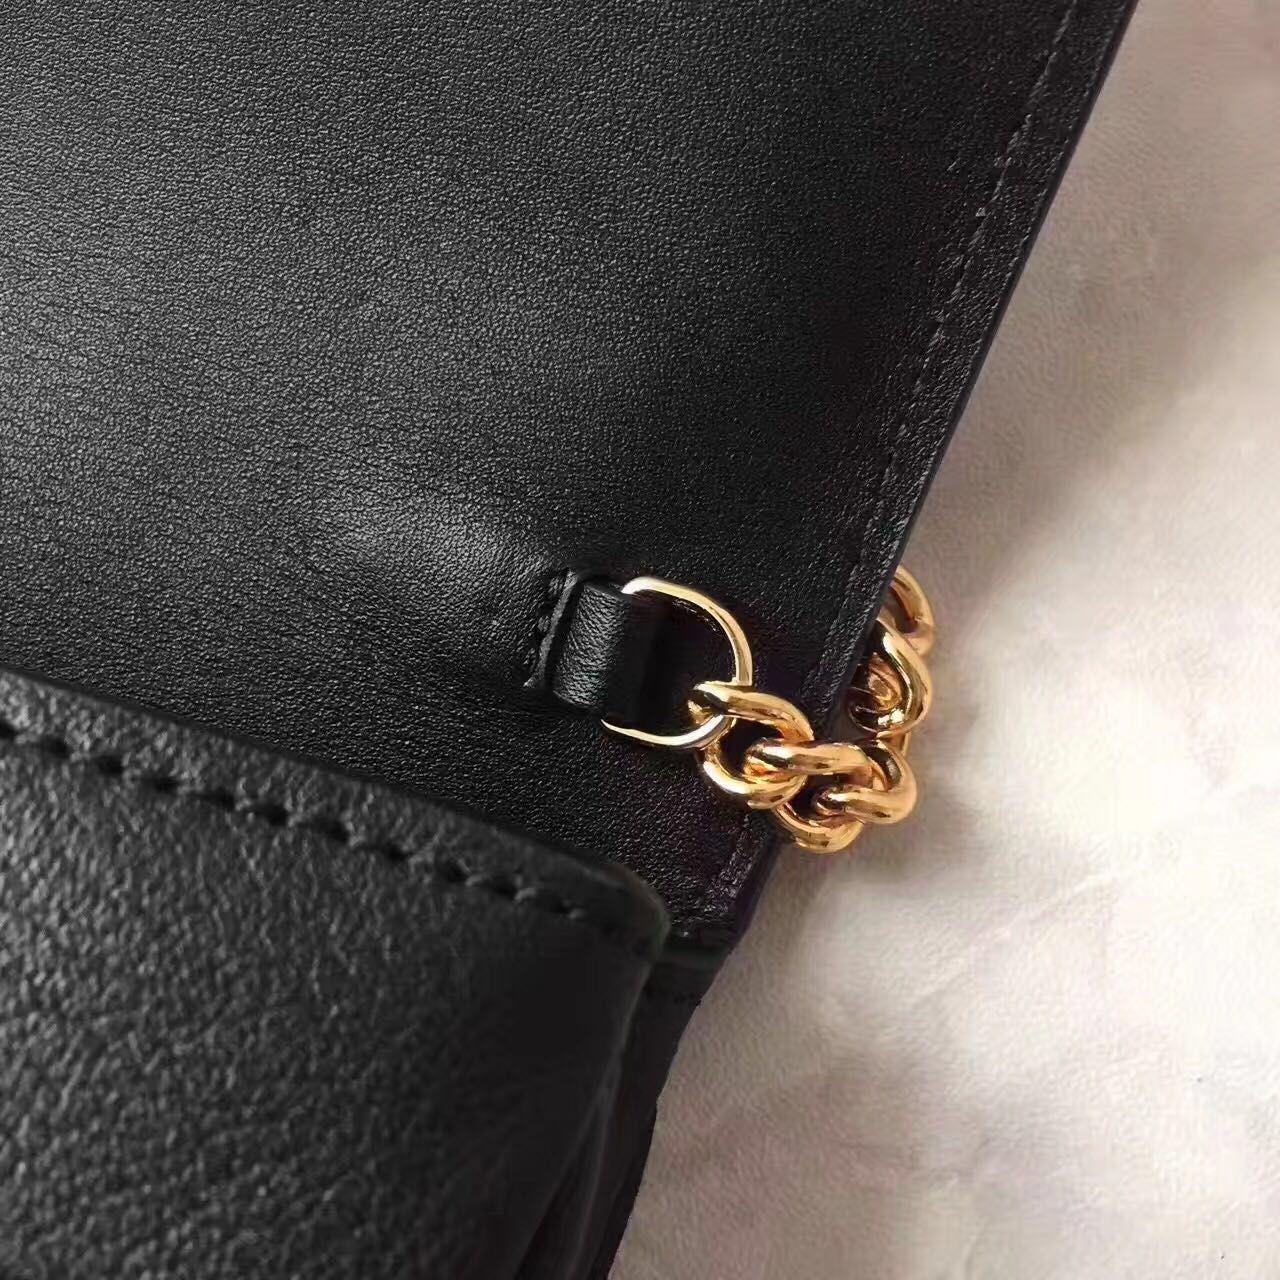 2017 mais recente cor sólida borla saco de telefone multi-purpose ombro bolsa de lazer casual clamshell saco das senhoras frete grátis